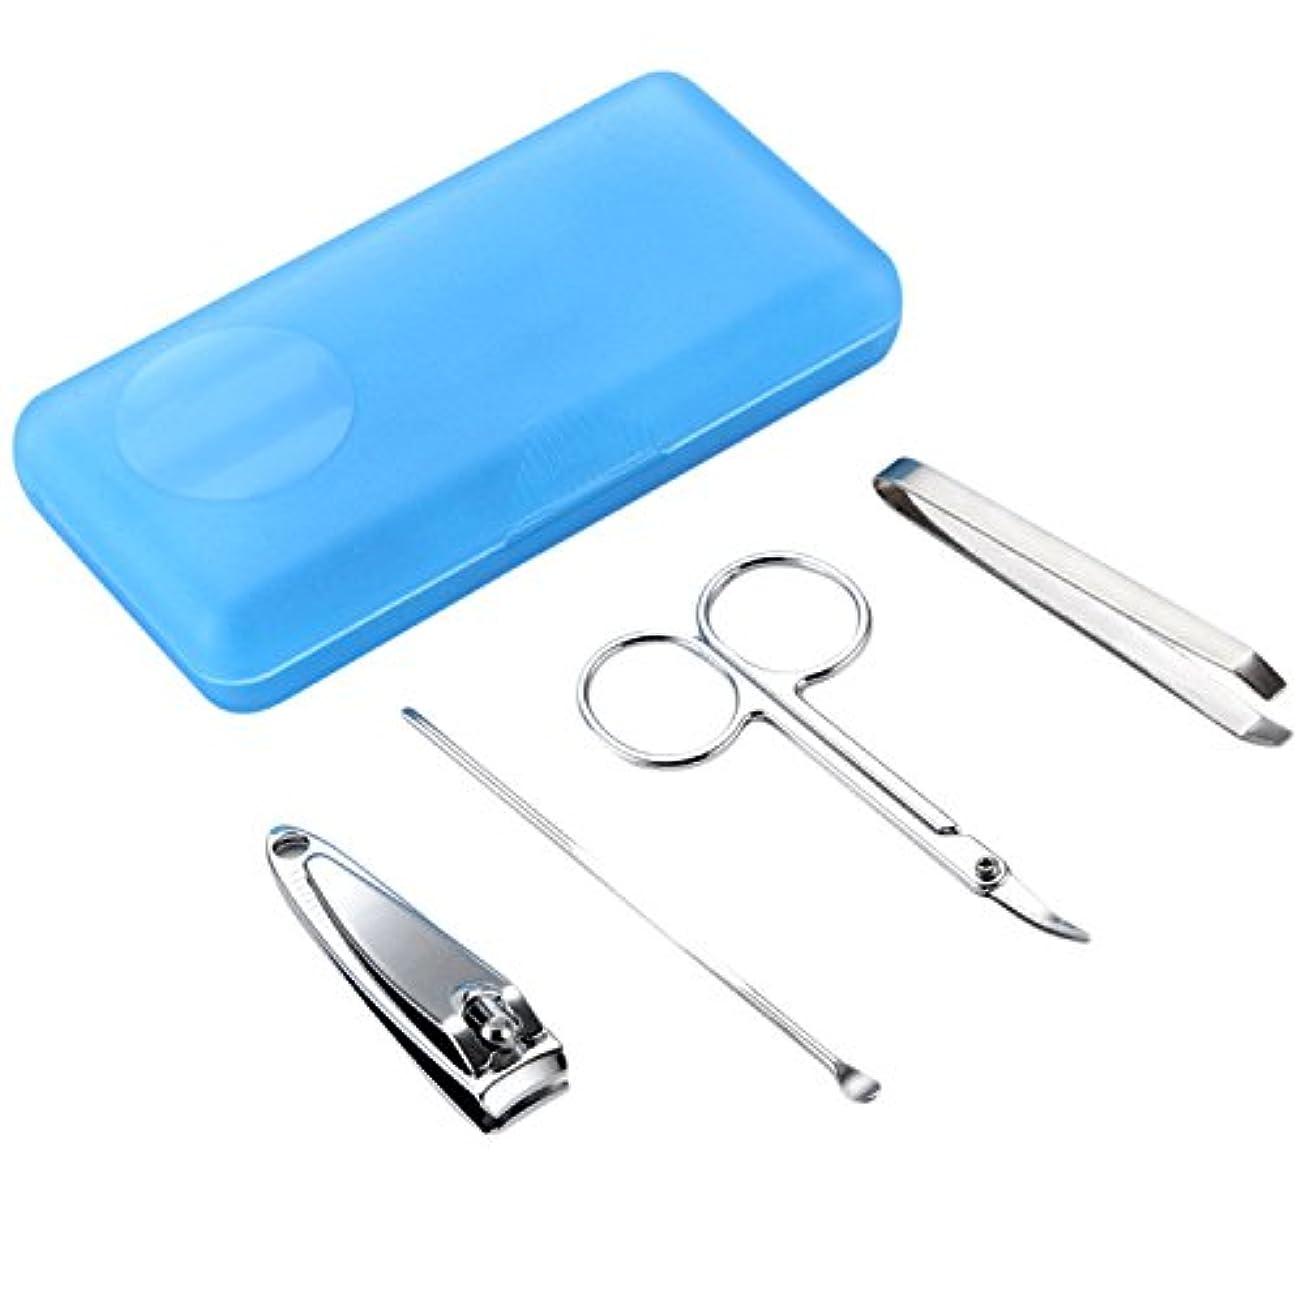 ハンカチ活性化する単なるRuier-tong マニキュアペディキュアセット ネイルケアセット ネイルクリッパー 爪切り はさみ ピン 耳かき セット コンパクト 日常用品